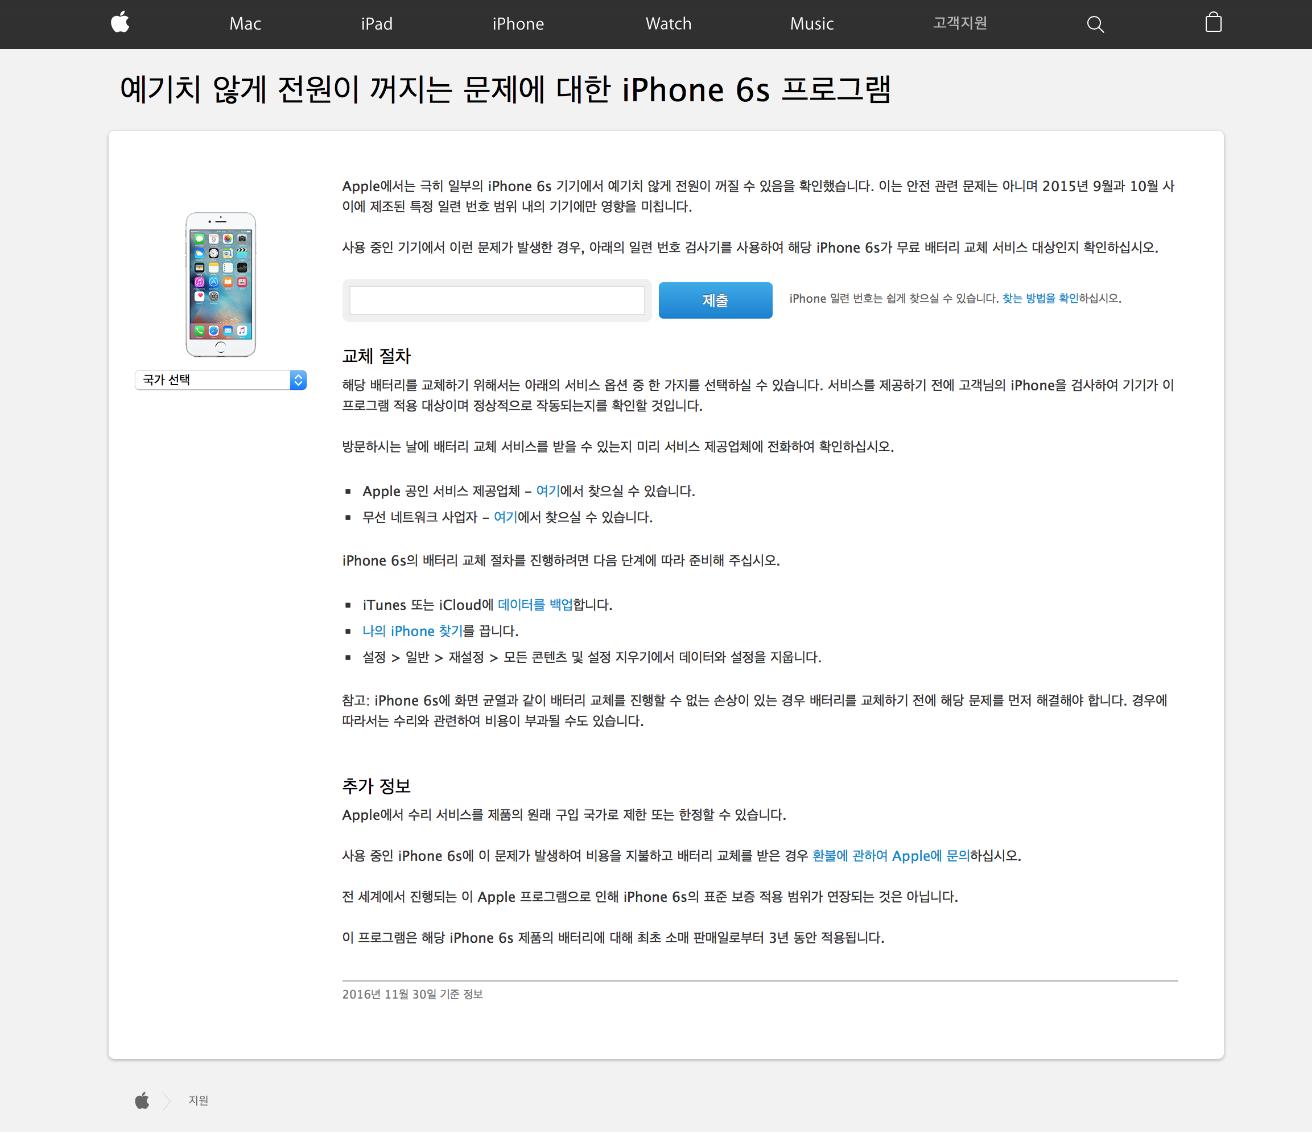 [공식] 예기치 않게 전원이 꺼지는 문제에 대한 iPhone 6s 프로그램